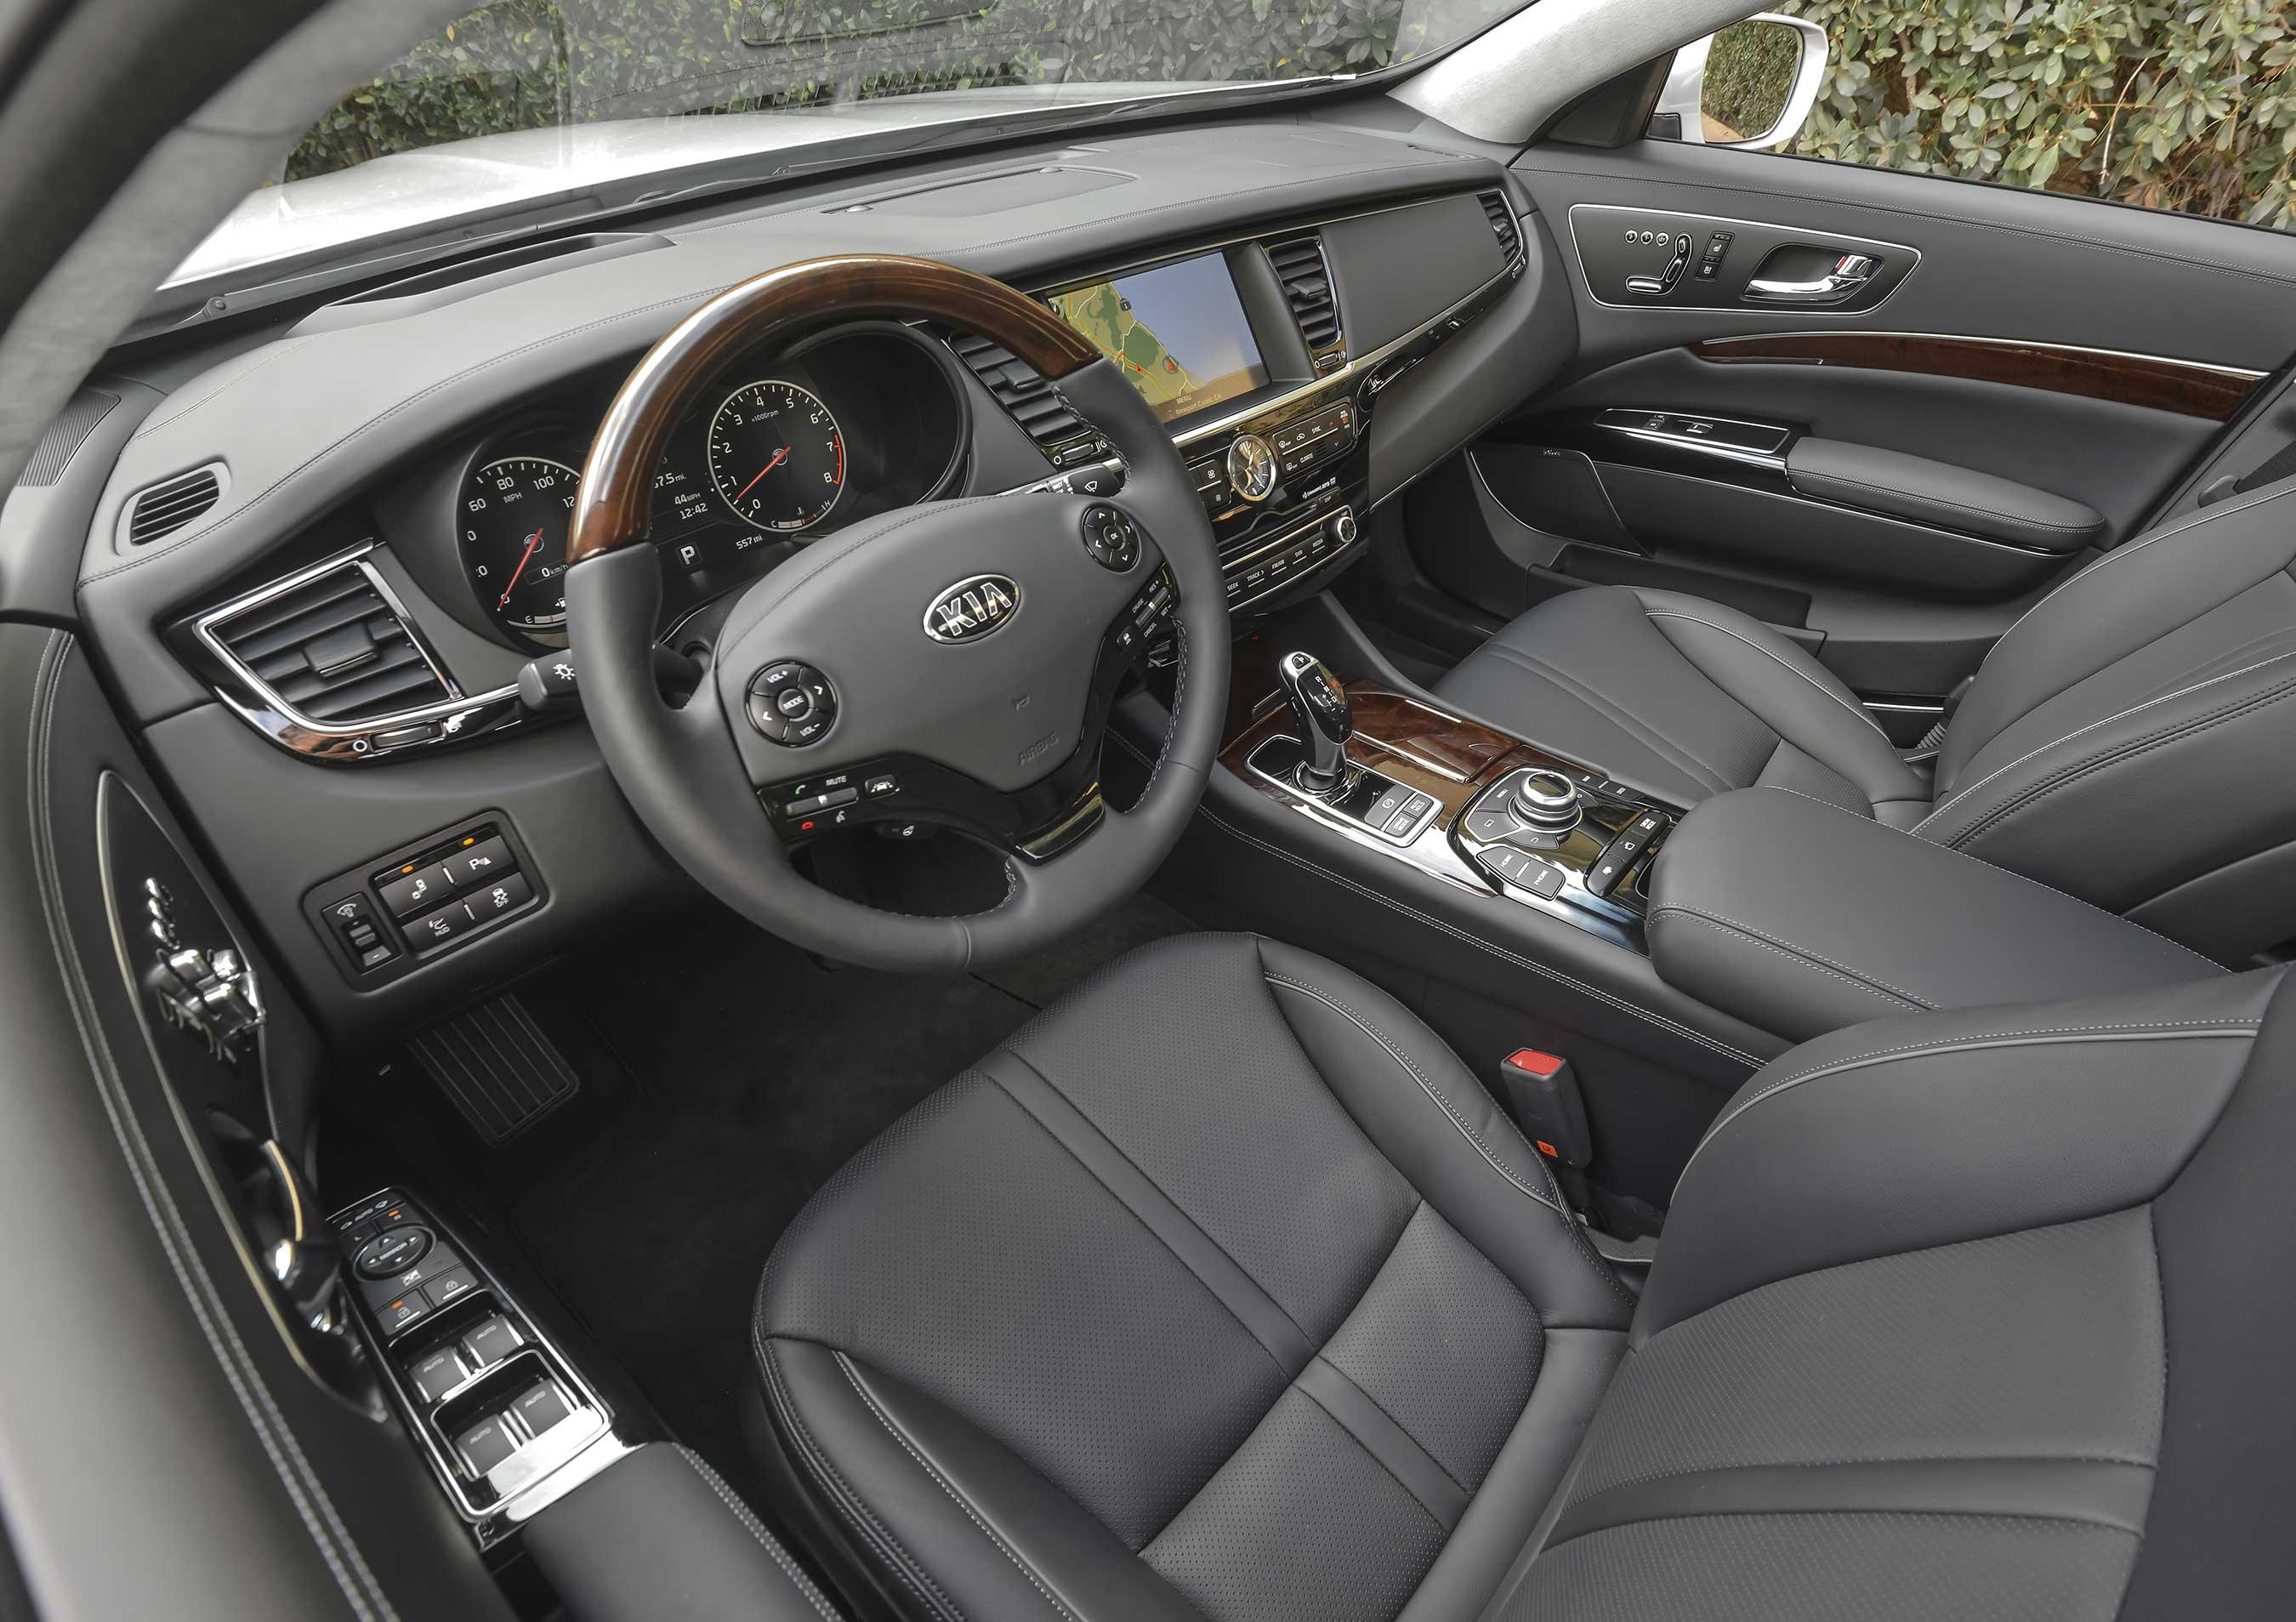 2016 Kia K900 Luxury Sedan - interior